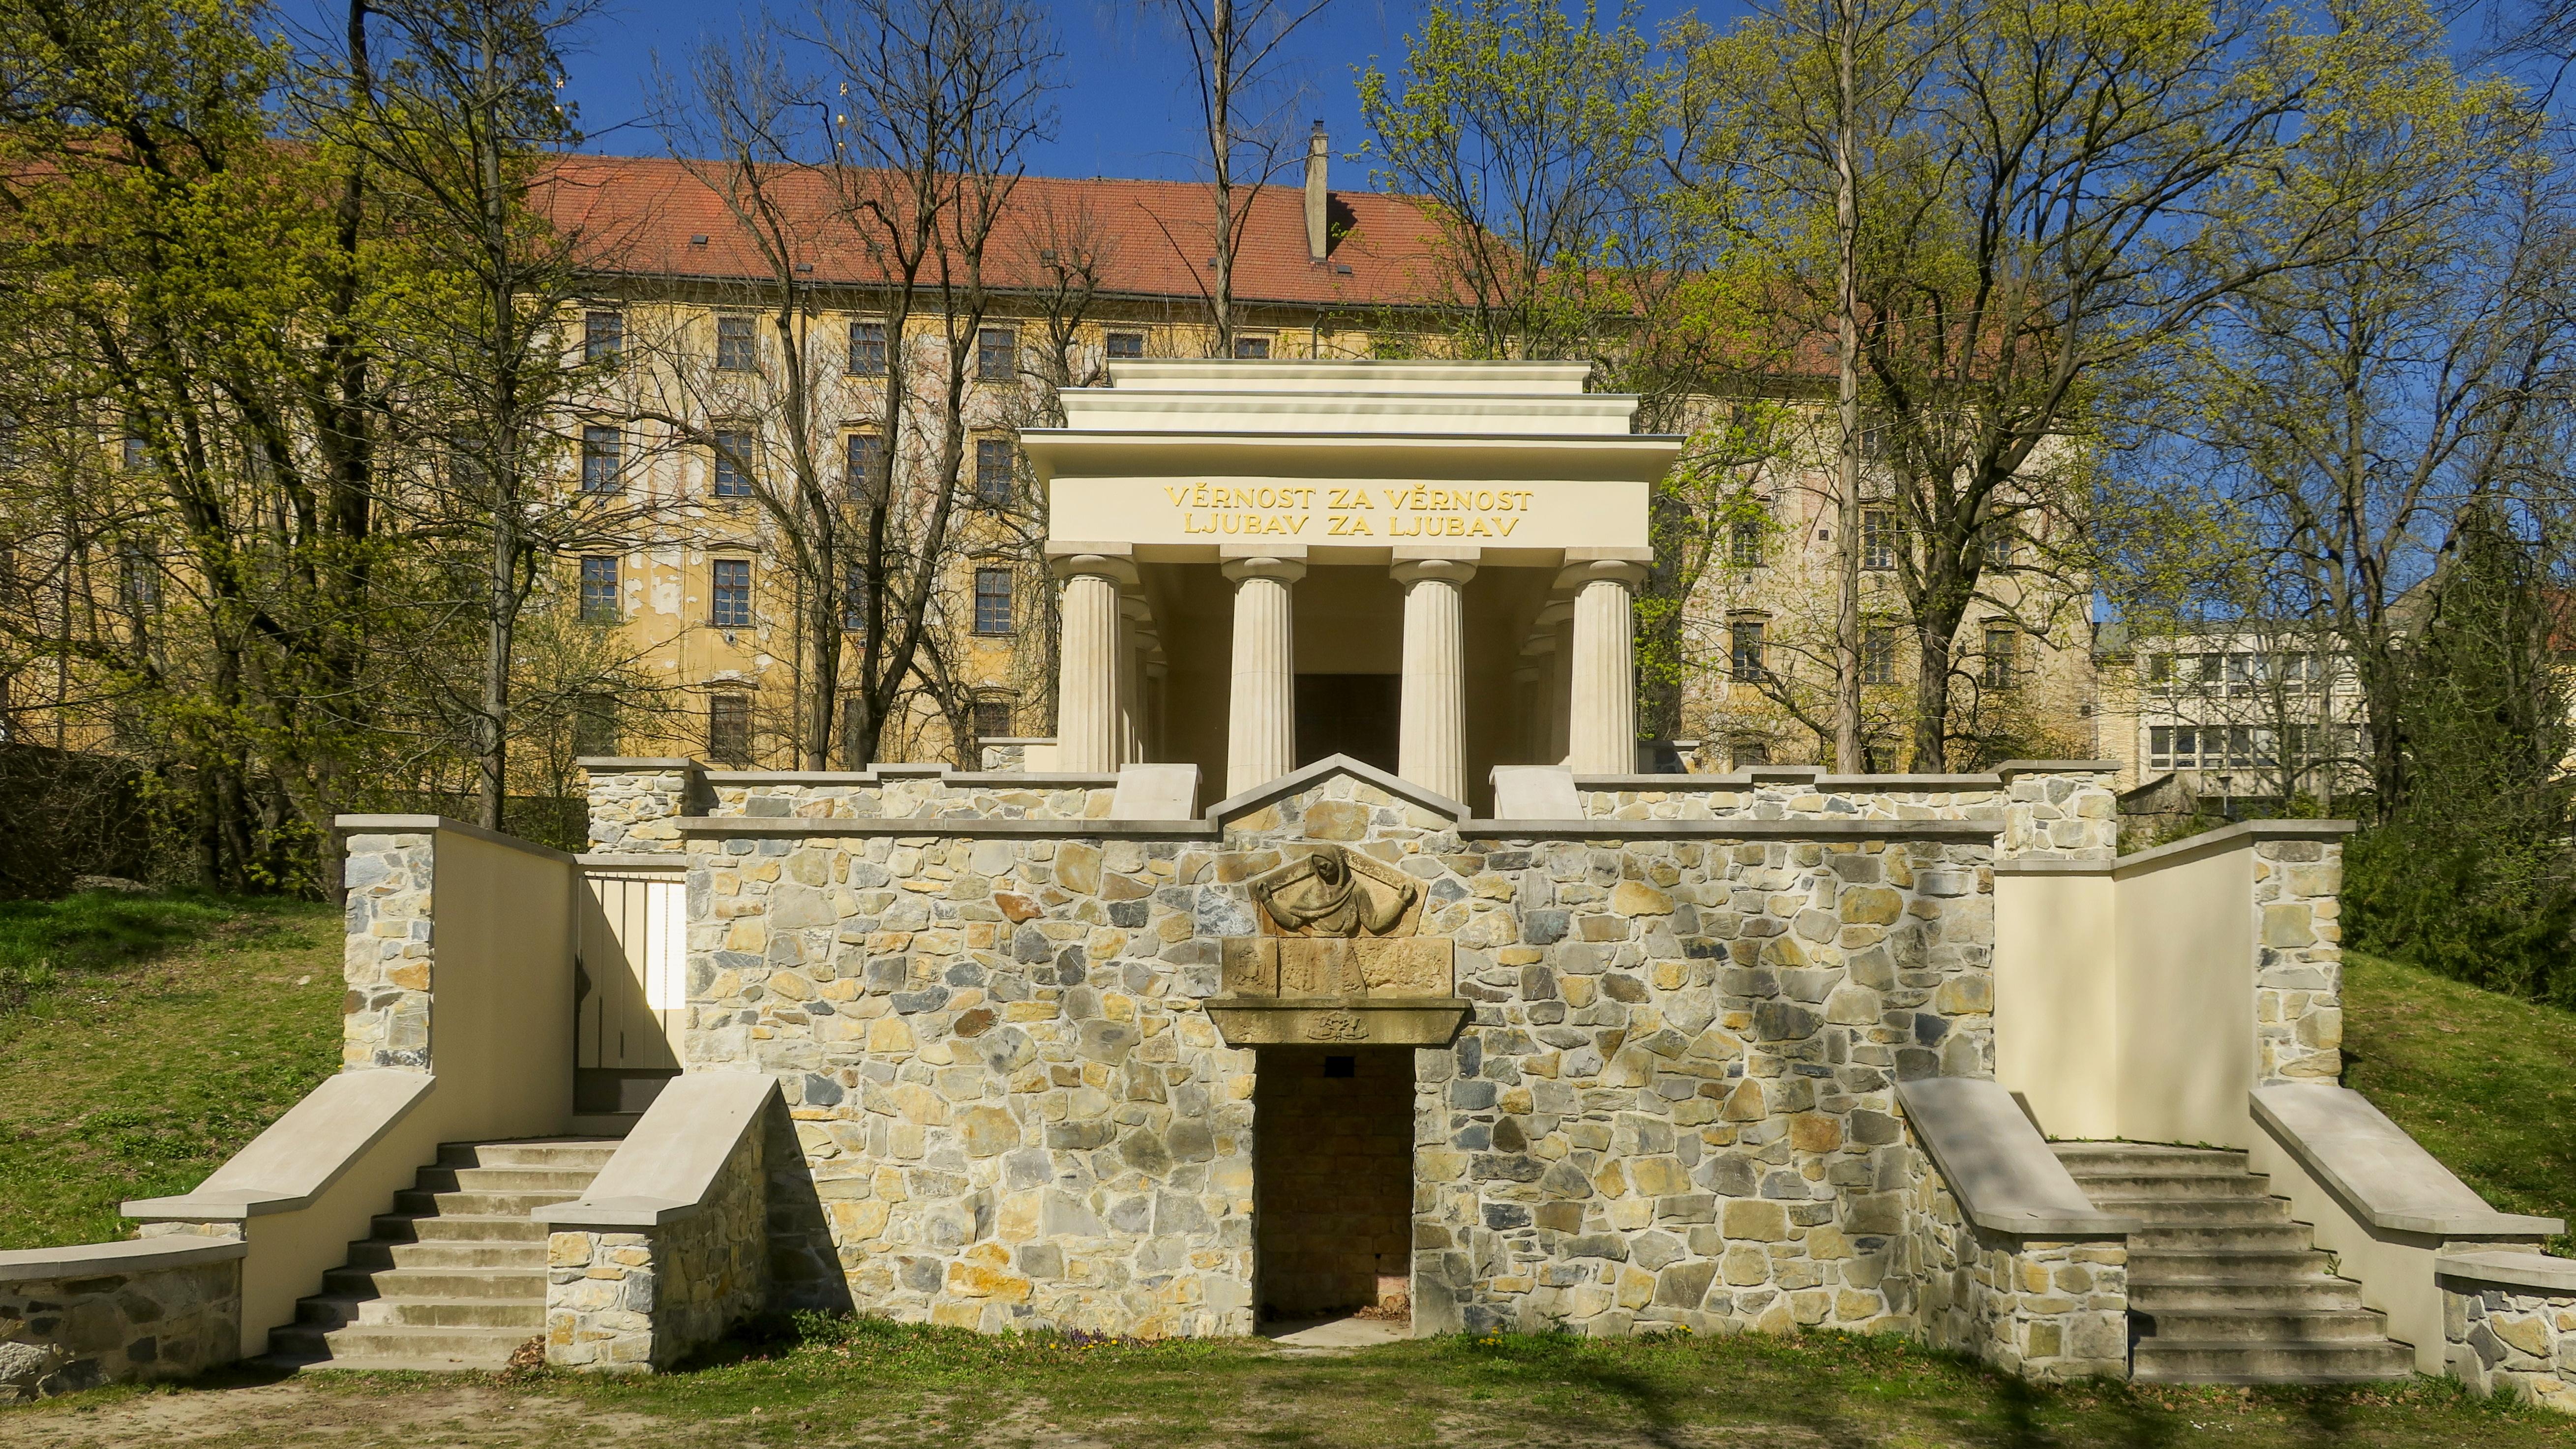 File:Mauzoleum jugoslavskych vojinu Olomouc 2020I.JPG